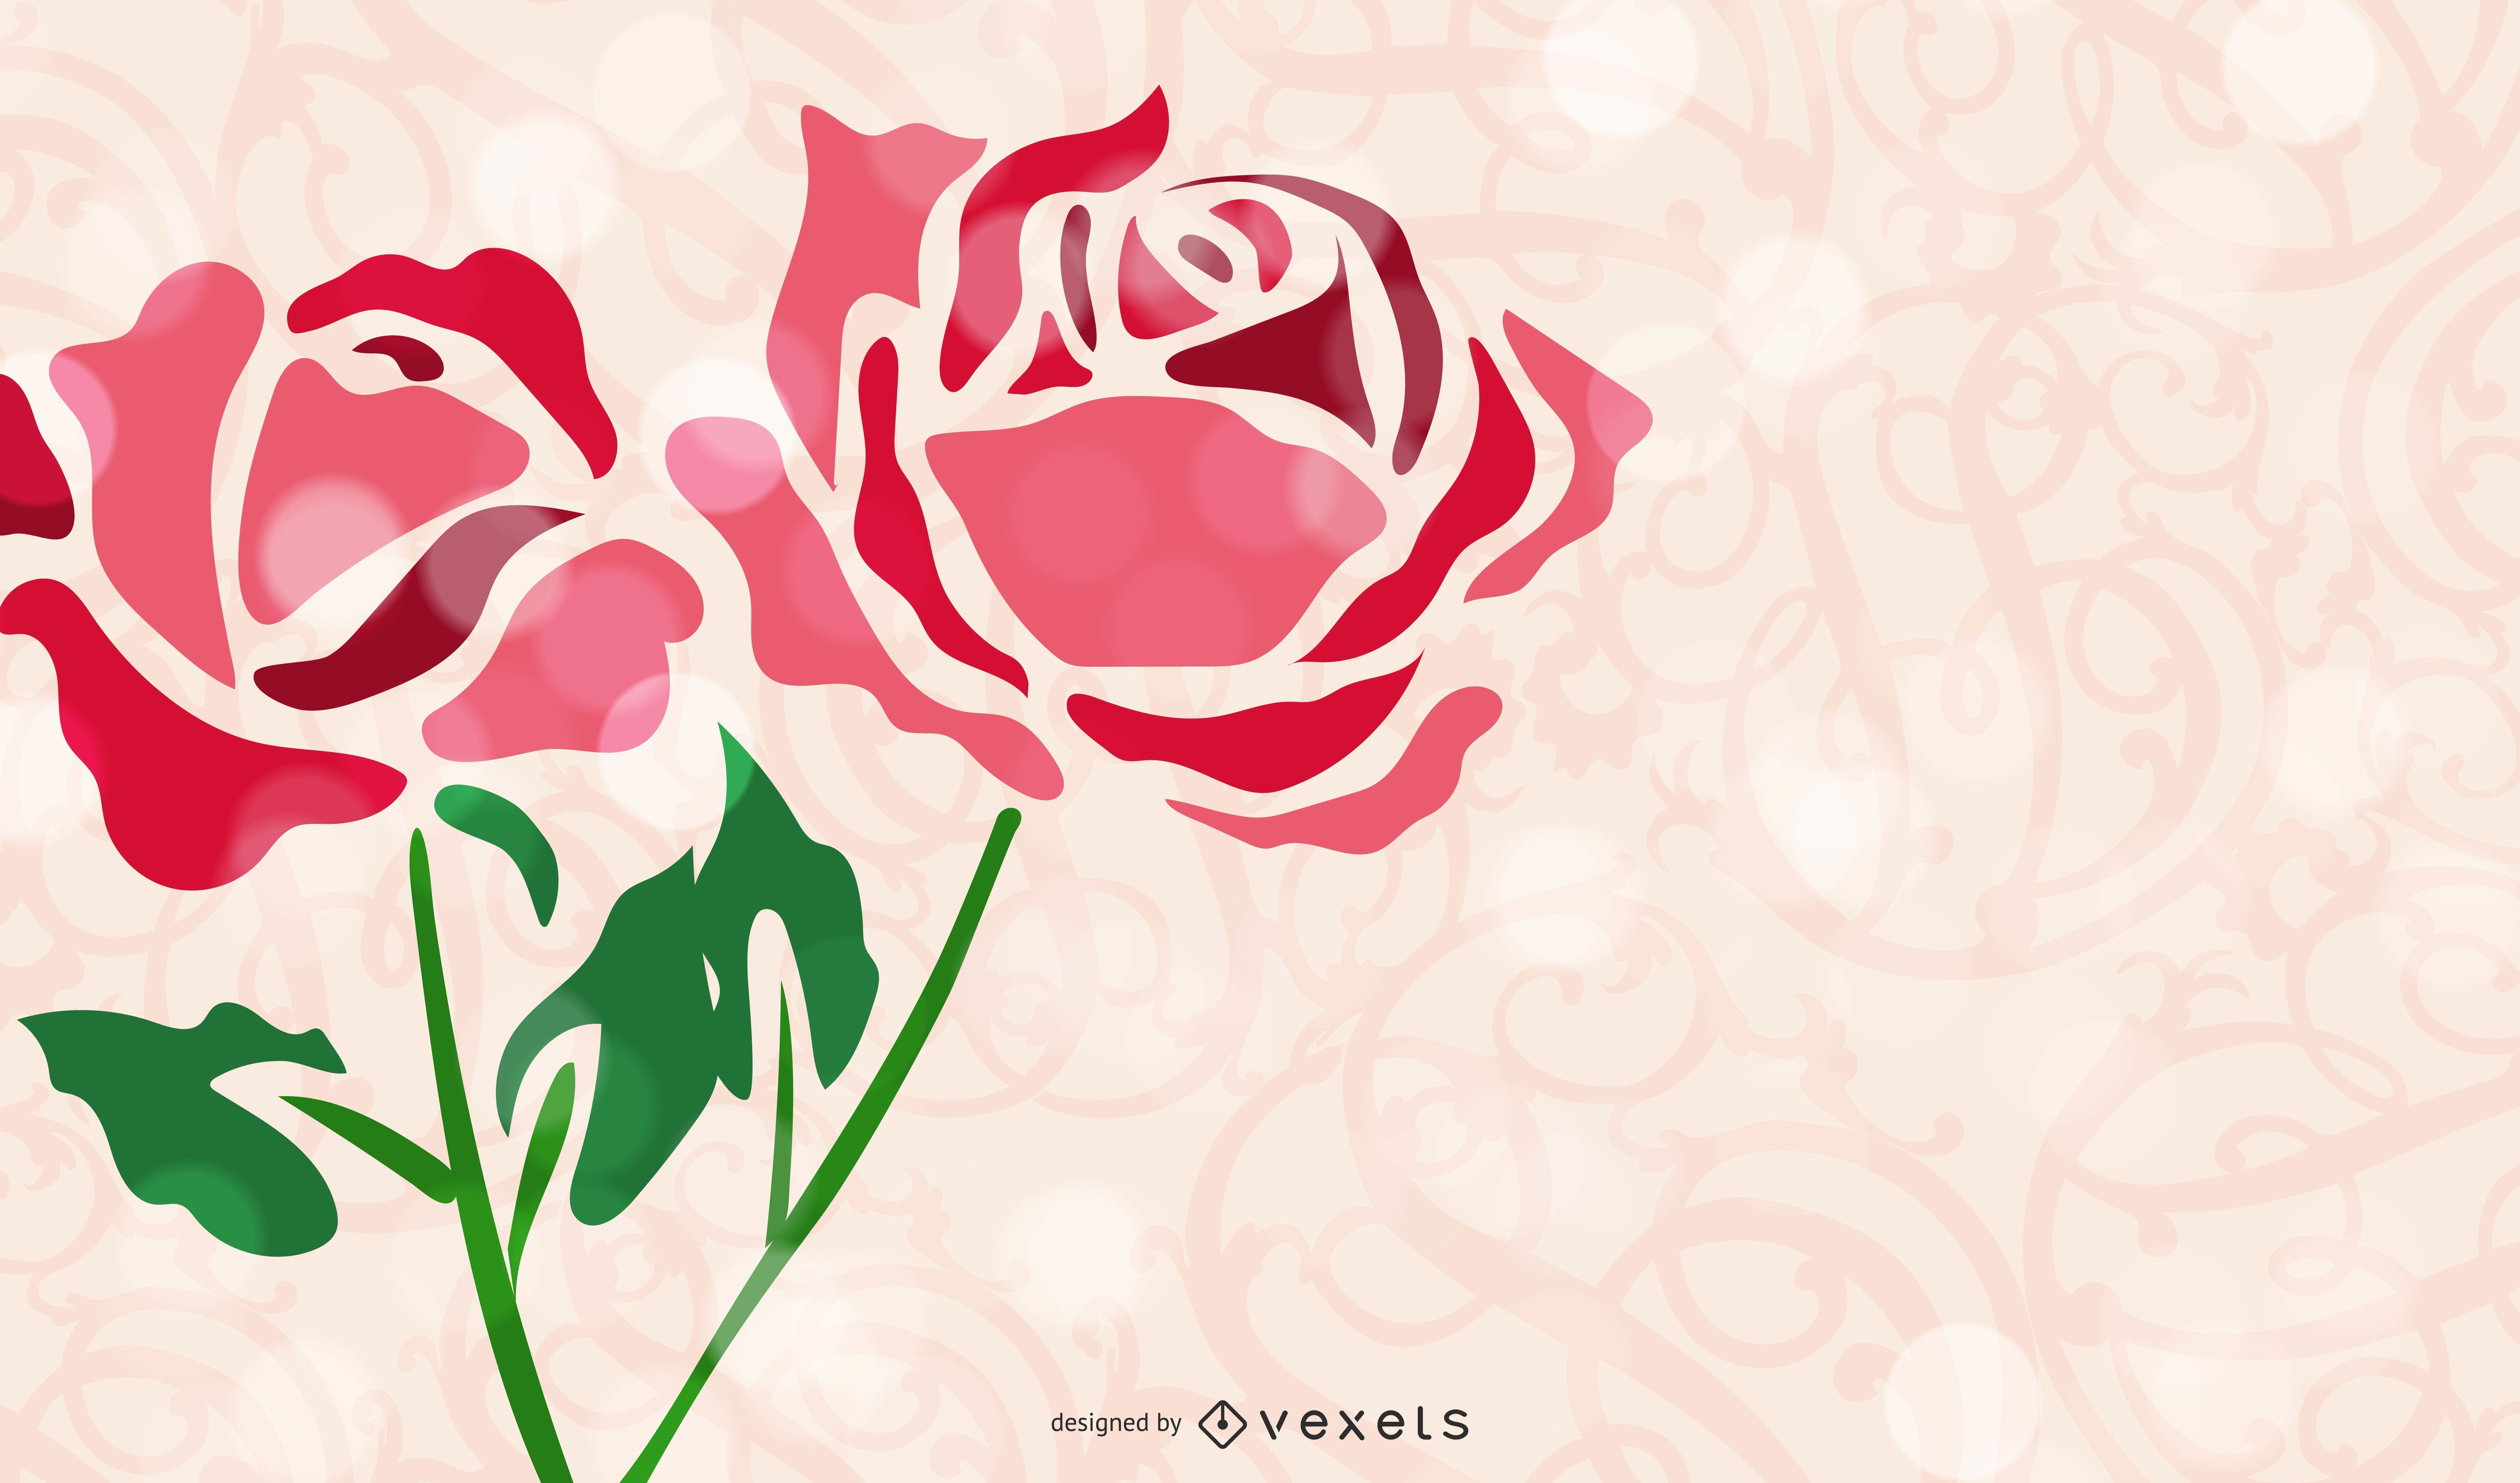 Gráfico vectorial de flor abstracta